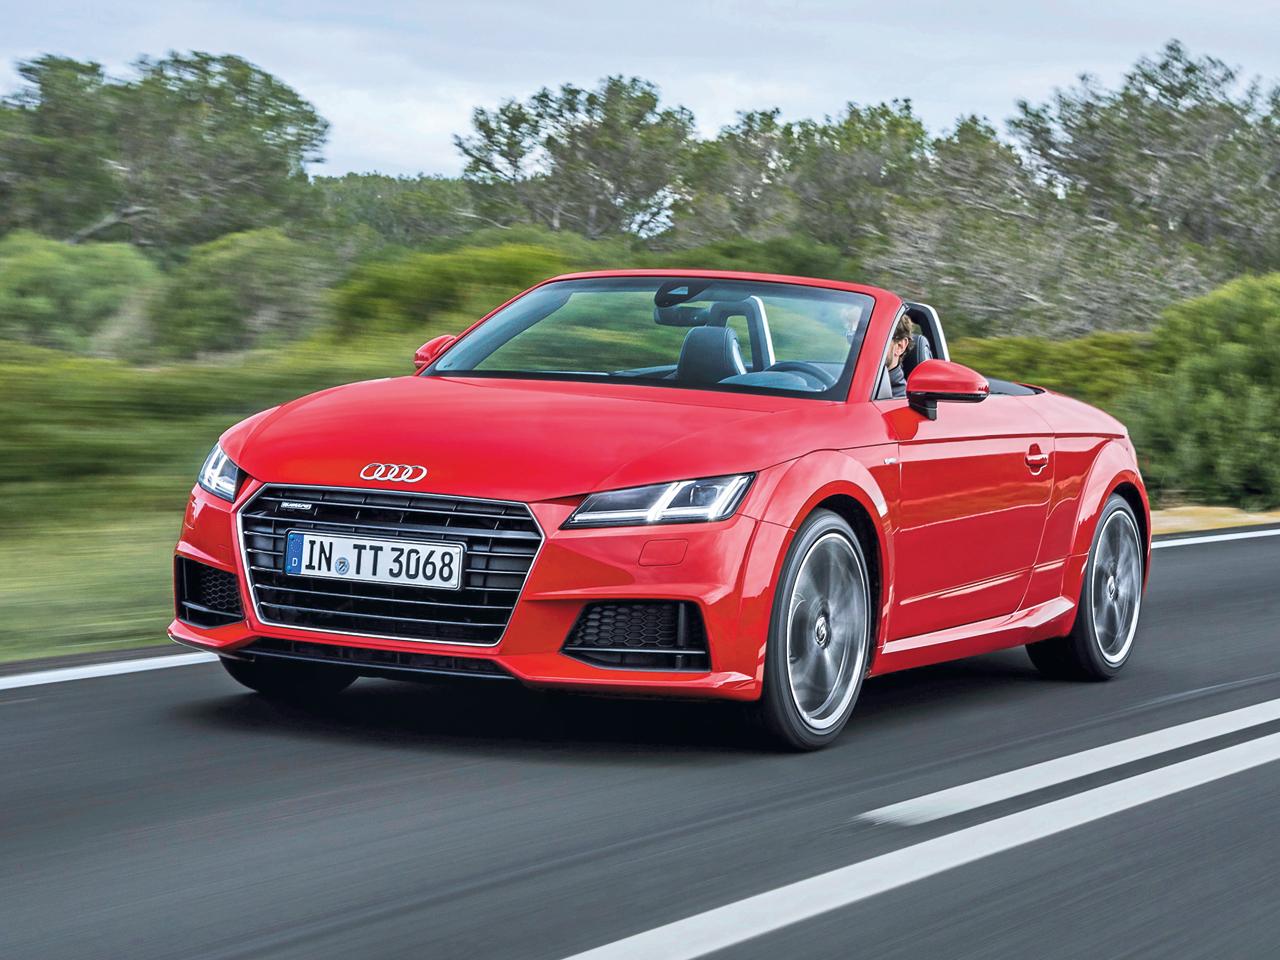 Audi TT Roadster 2.0 TFSI quattro: Test | autozeitung.de